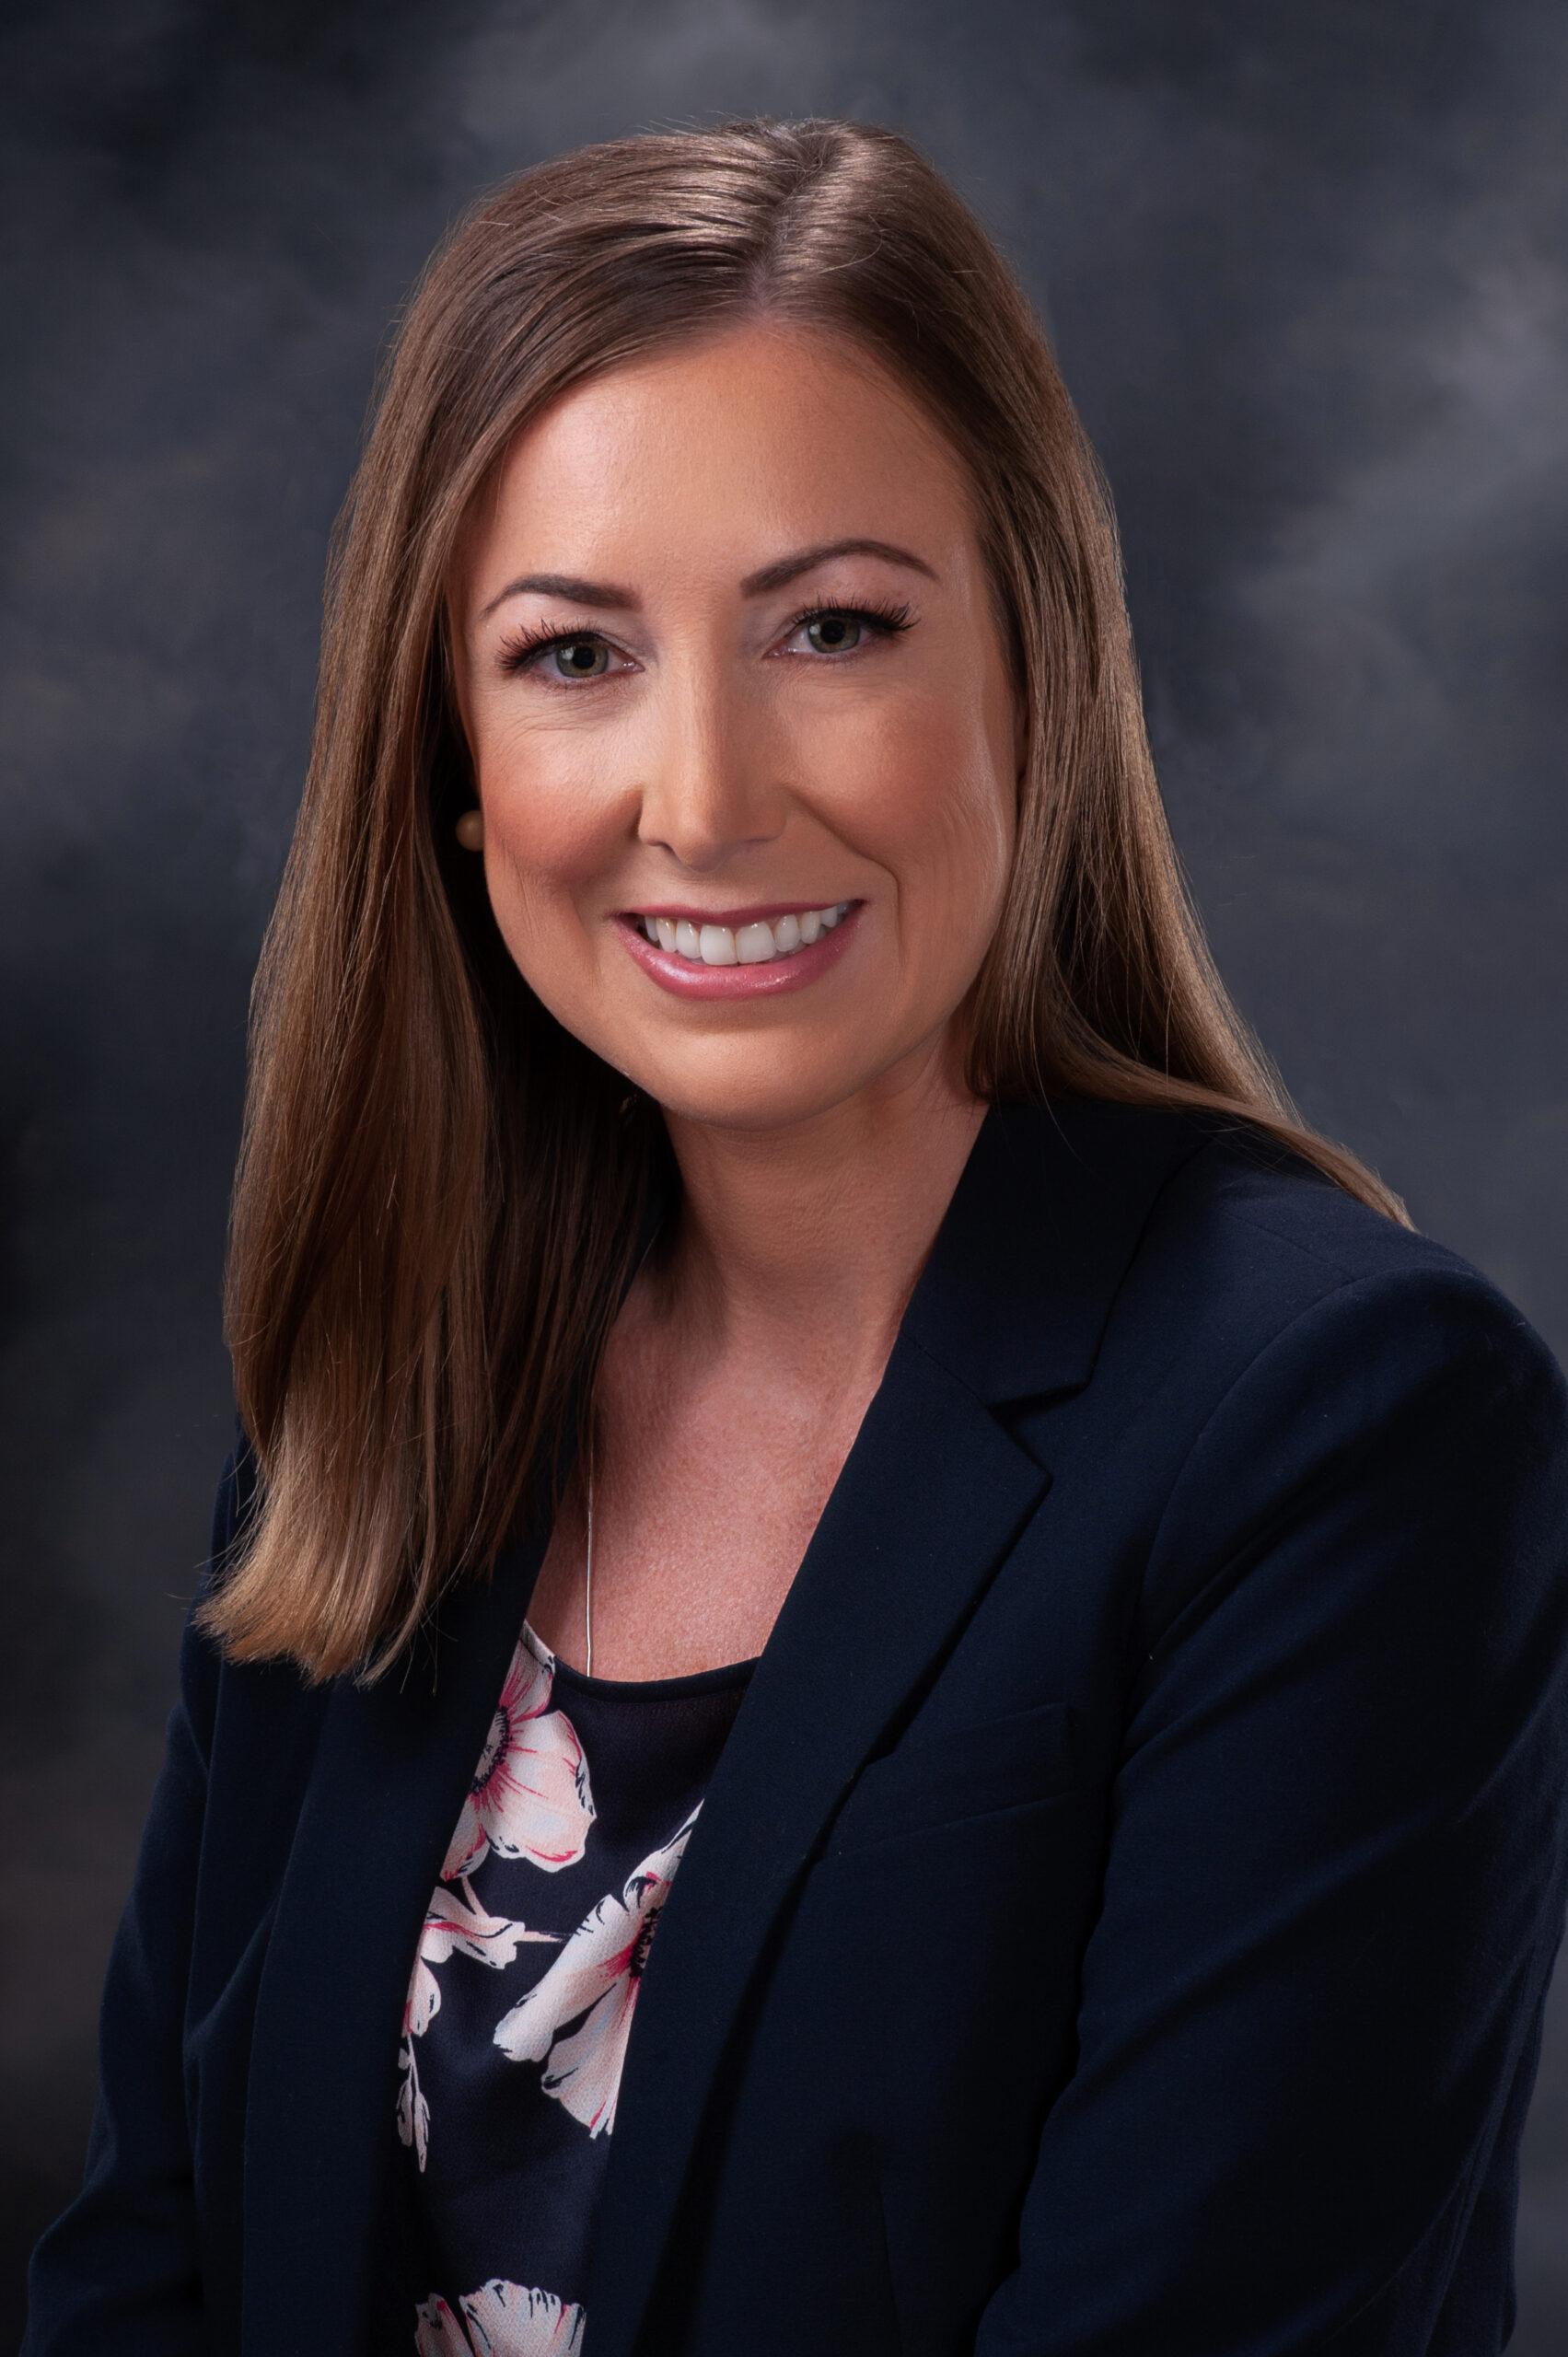 Briana L. McDougall, CFA